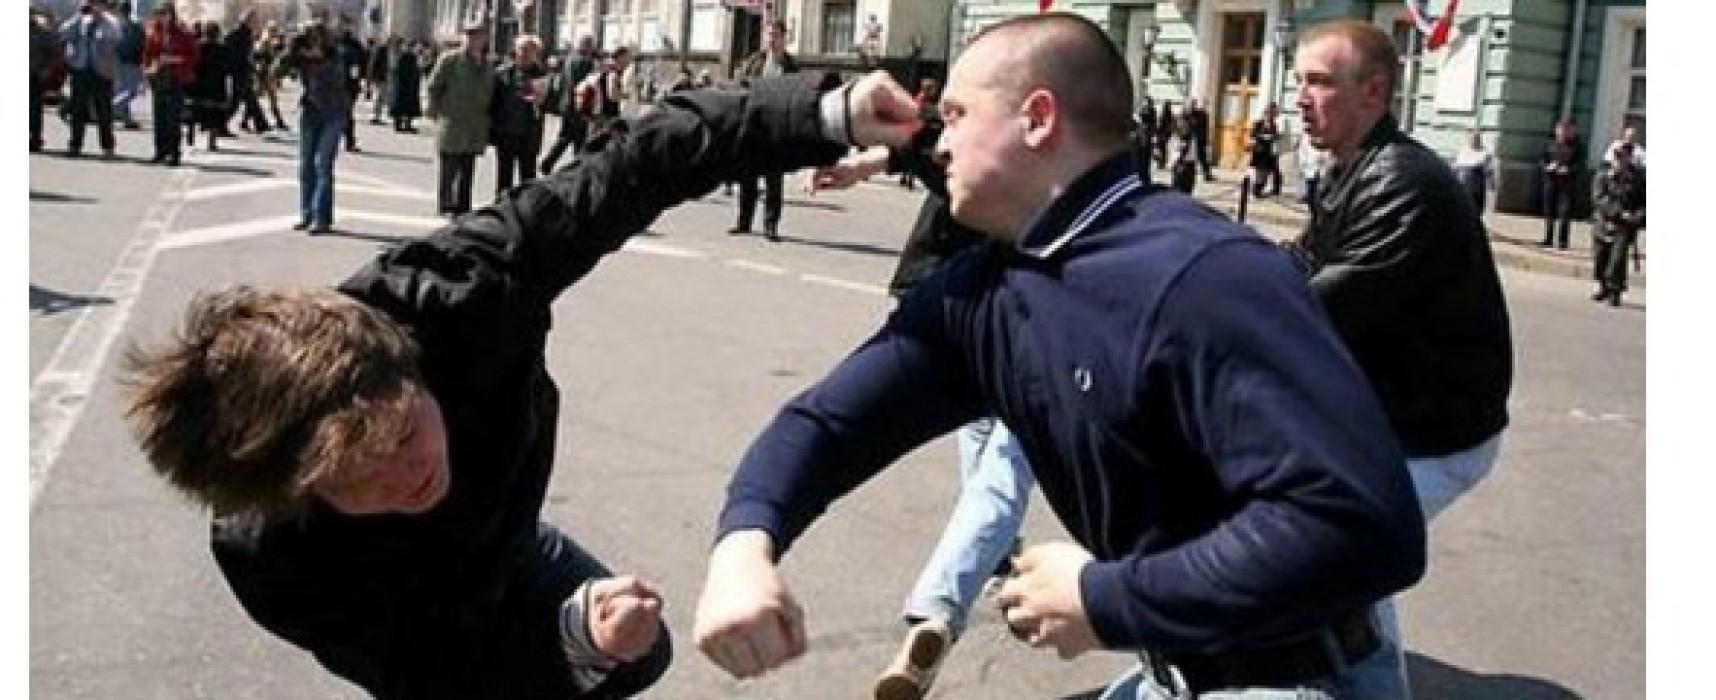 Los medios ilustraron la nota sobre la pelea entre rusos, ucranianos y kazajos con una foto falsa